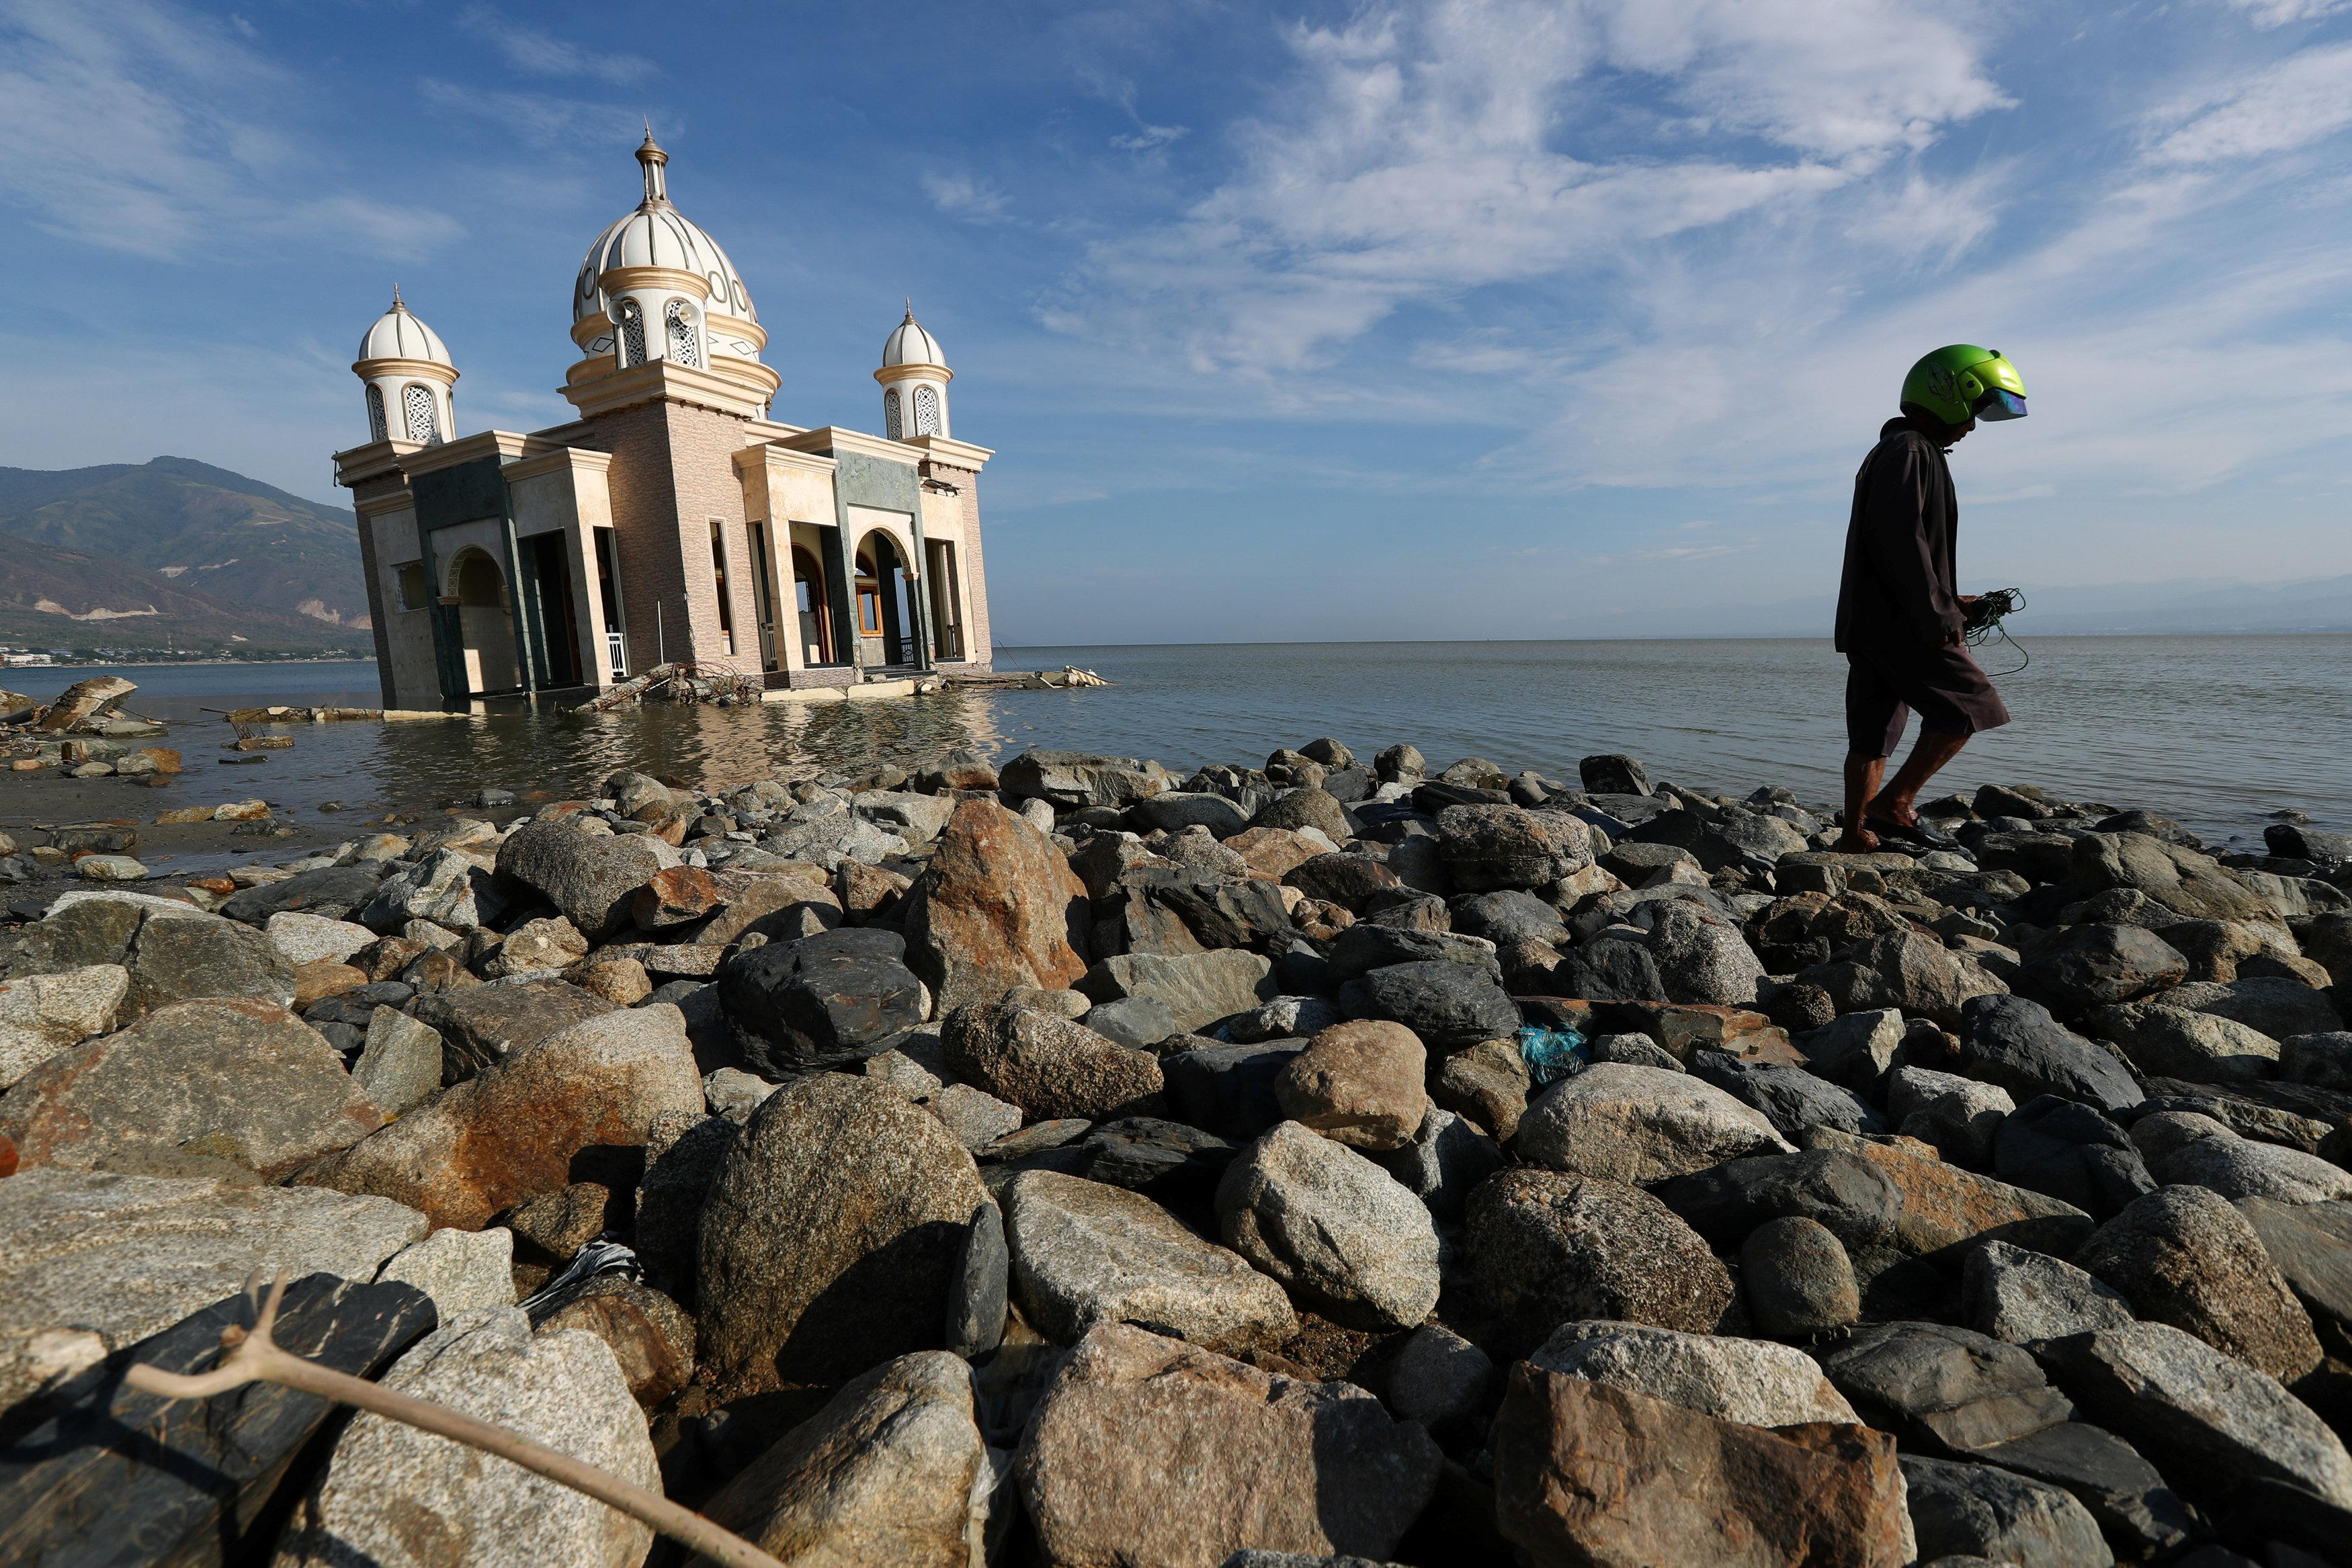 مسجد إندونيسى جرفته المياة بعيدا عن منطقة الزلزال دون أن يتأثر أجزاءه